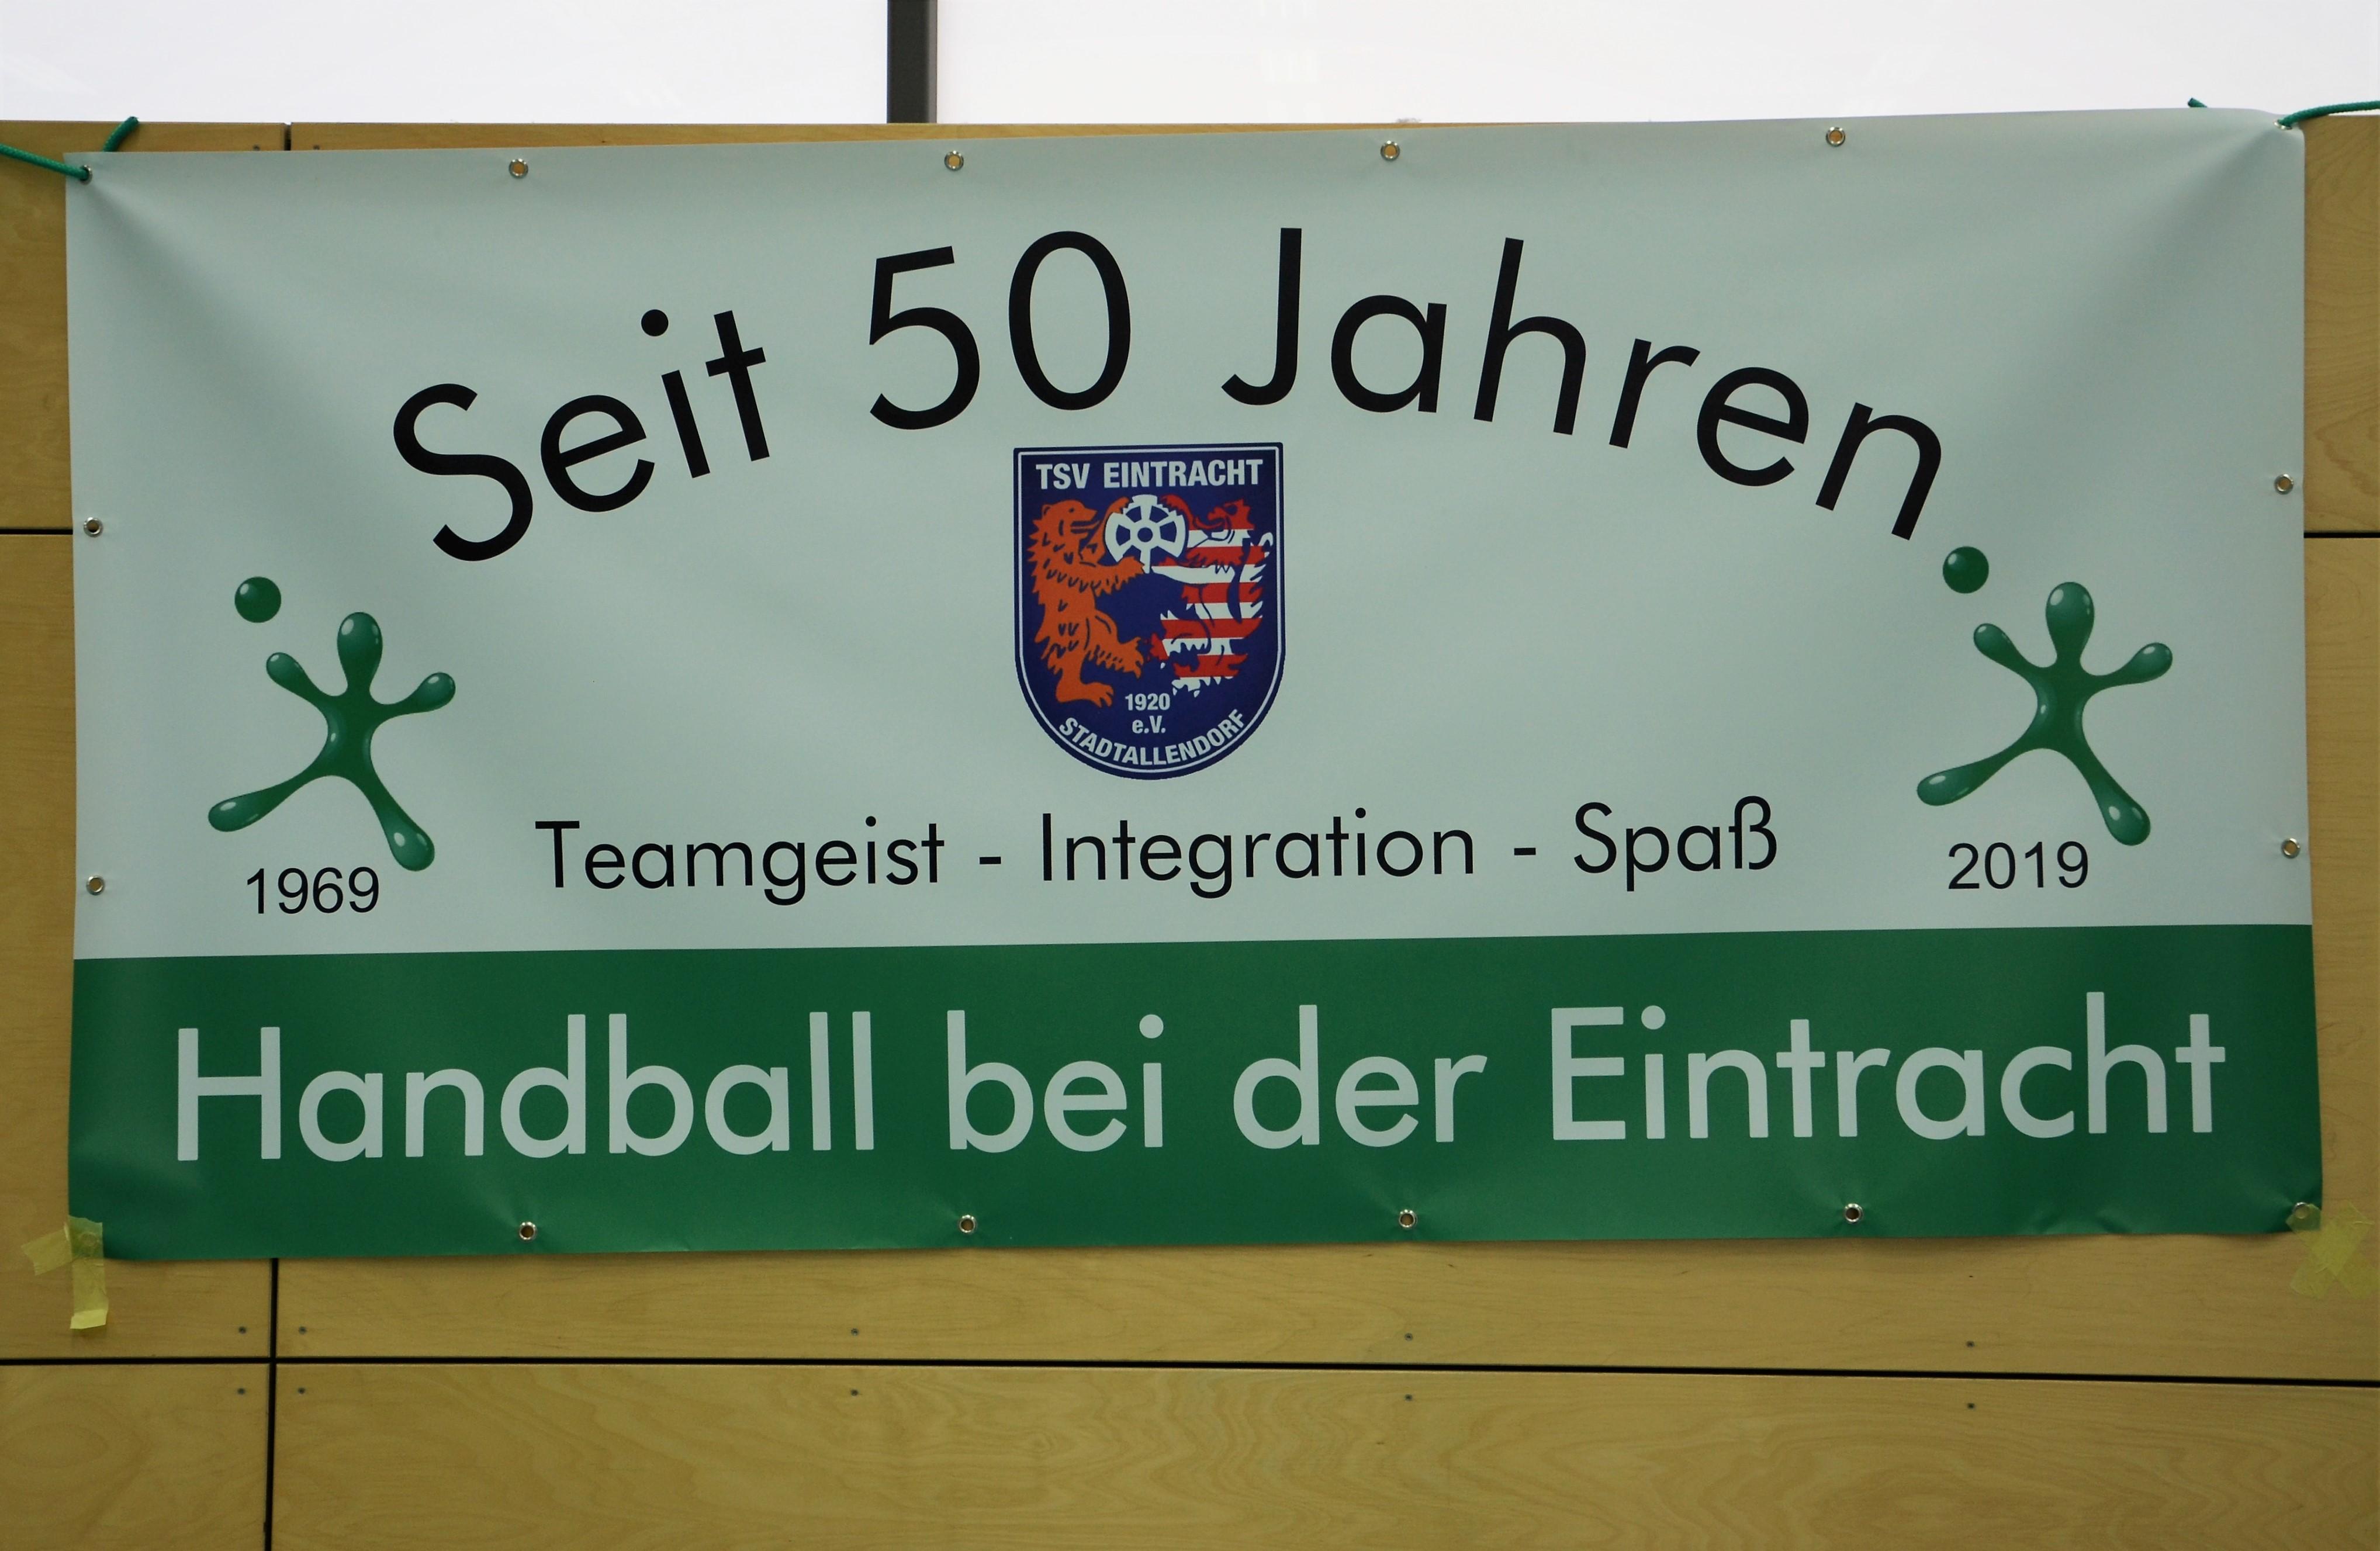 Es war ein schöner Tag bei den Handballern des TSV Eintracht Stadtallendorf